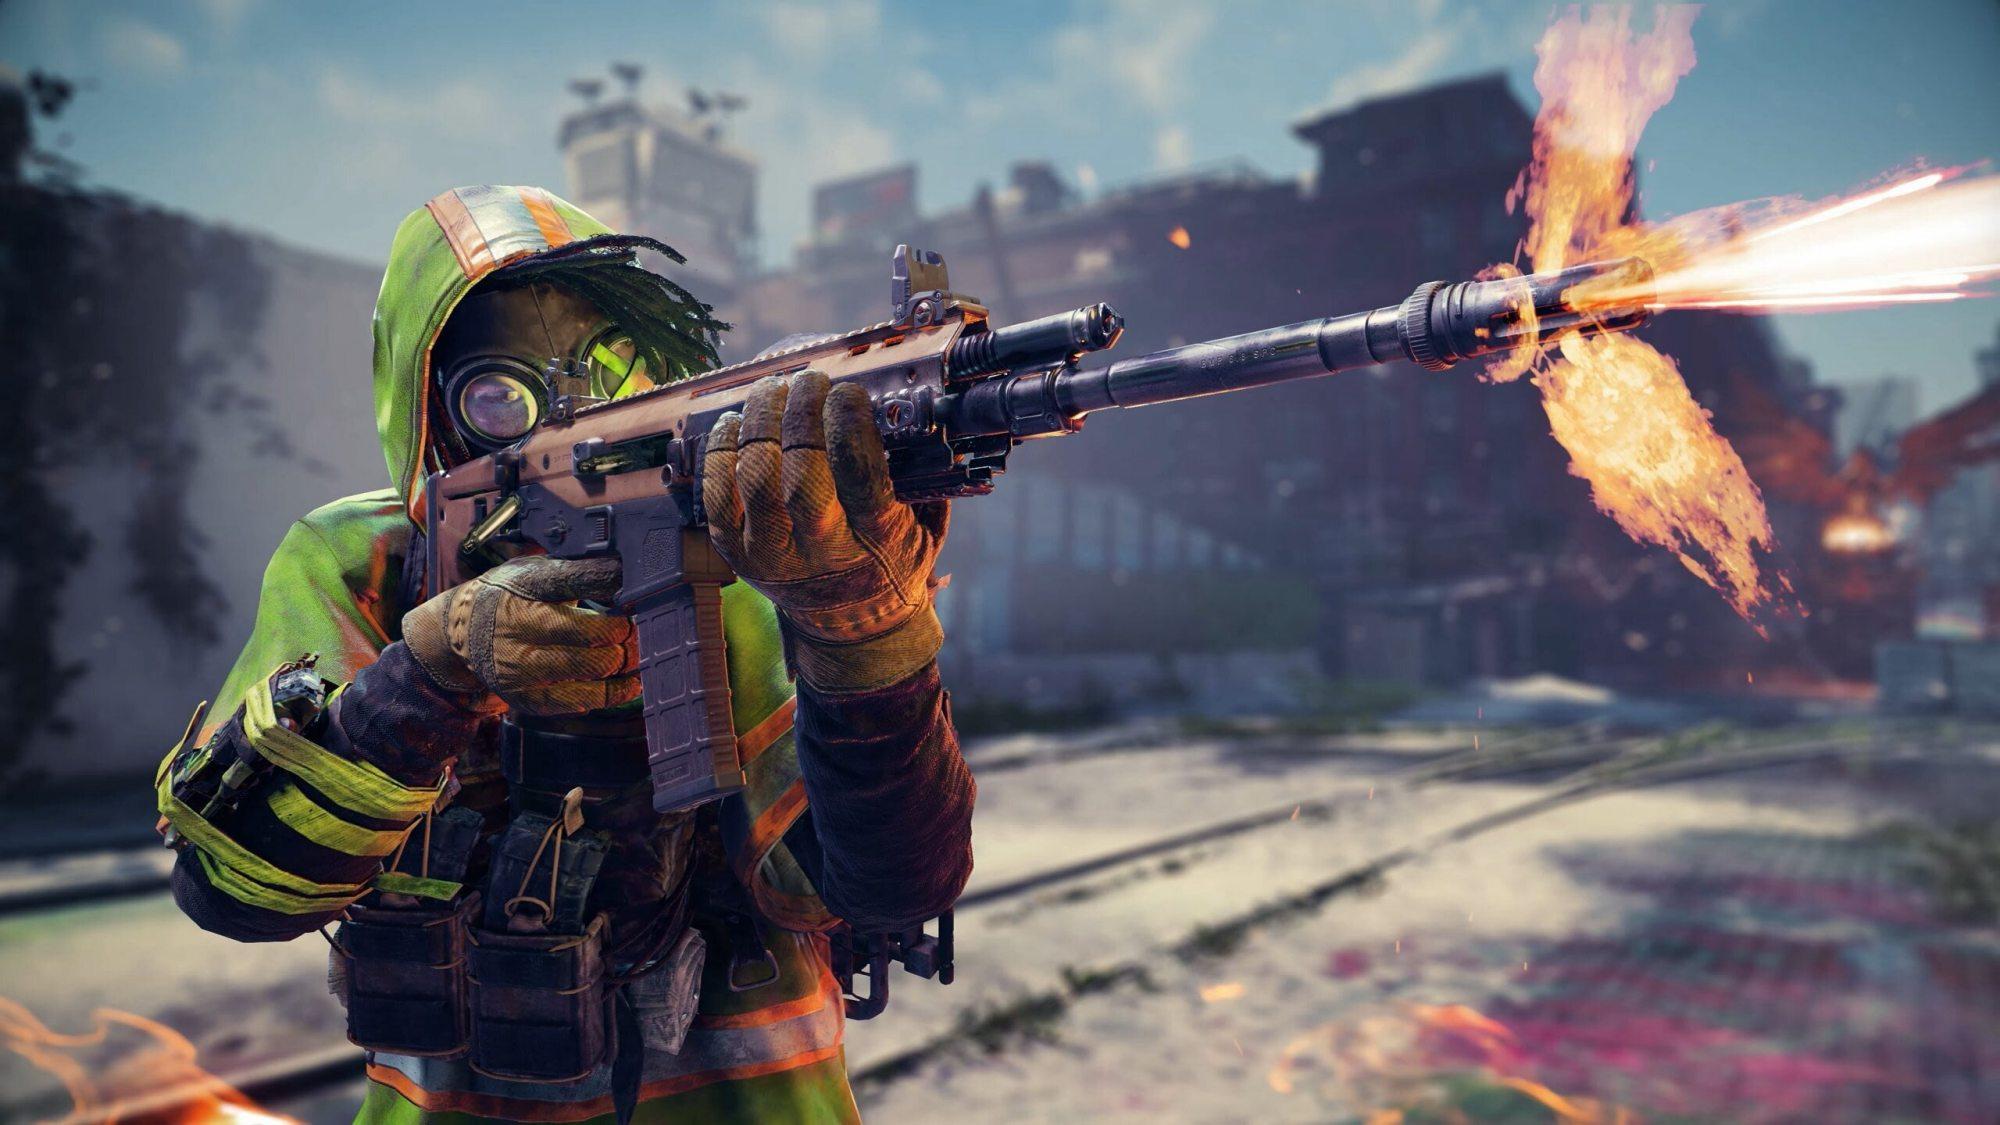 Студия Ubisoft представила игру Tom Clancy's XDefiant. Это условно-бесплатный мультиплеерный шутер